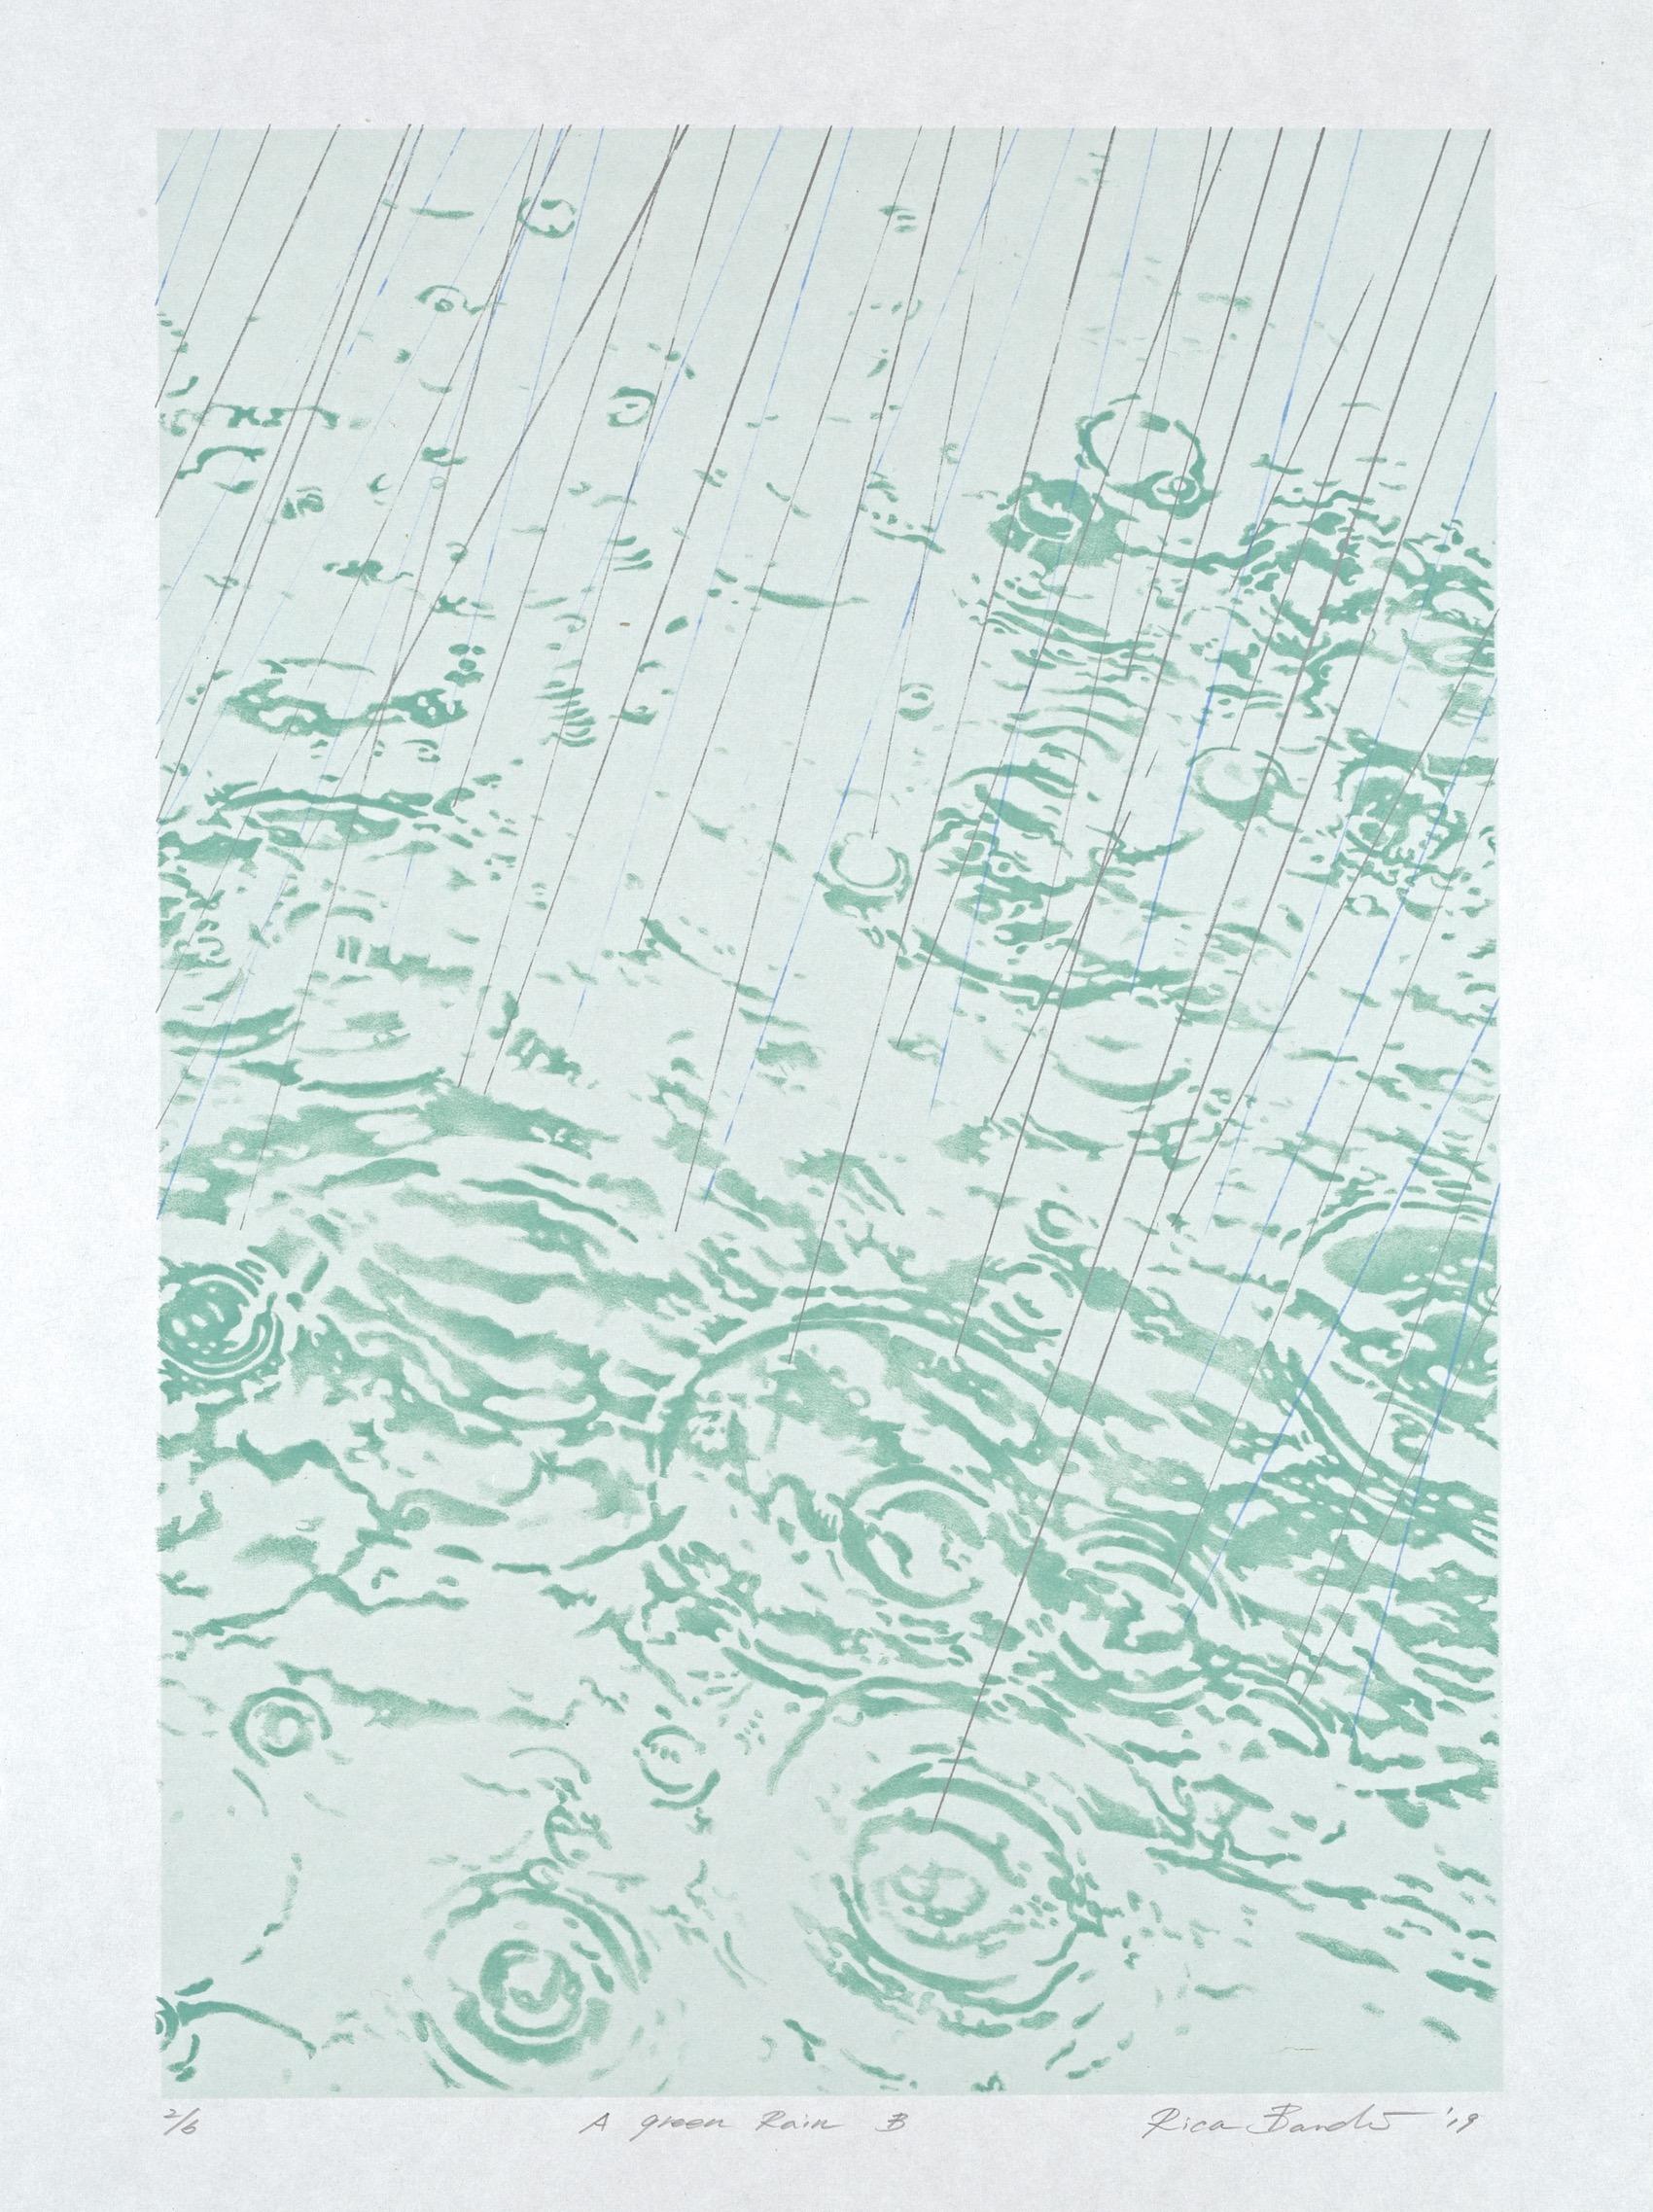 A Green Rain B by Rica Bando